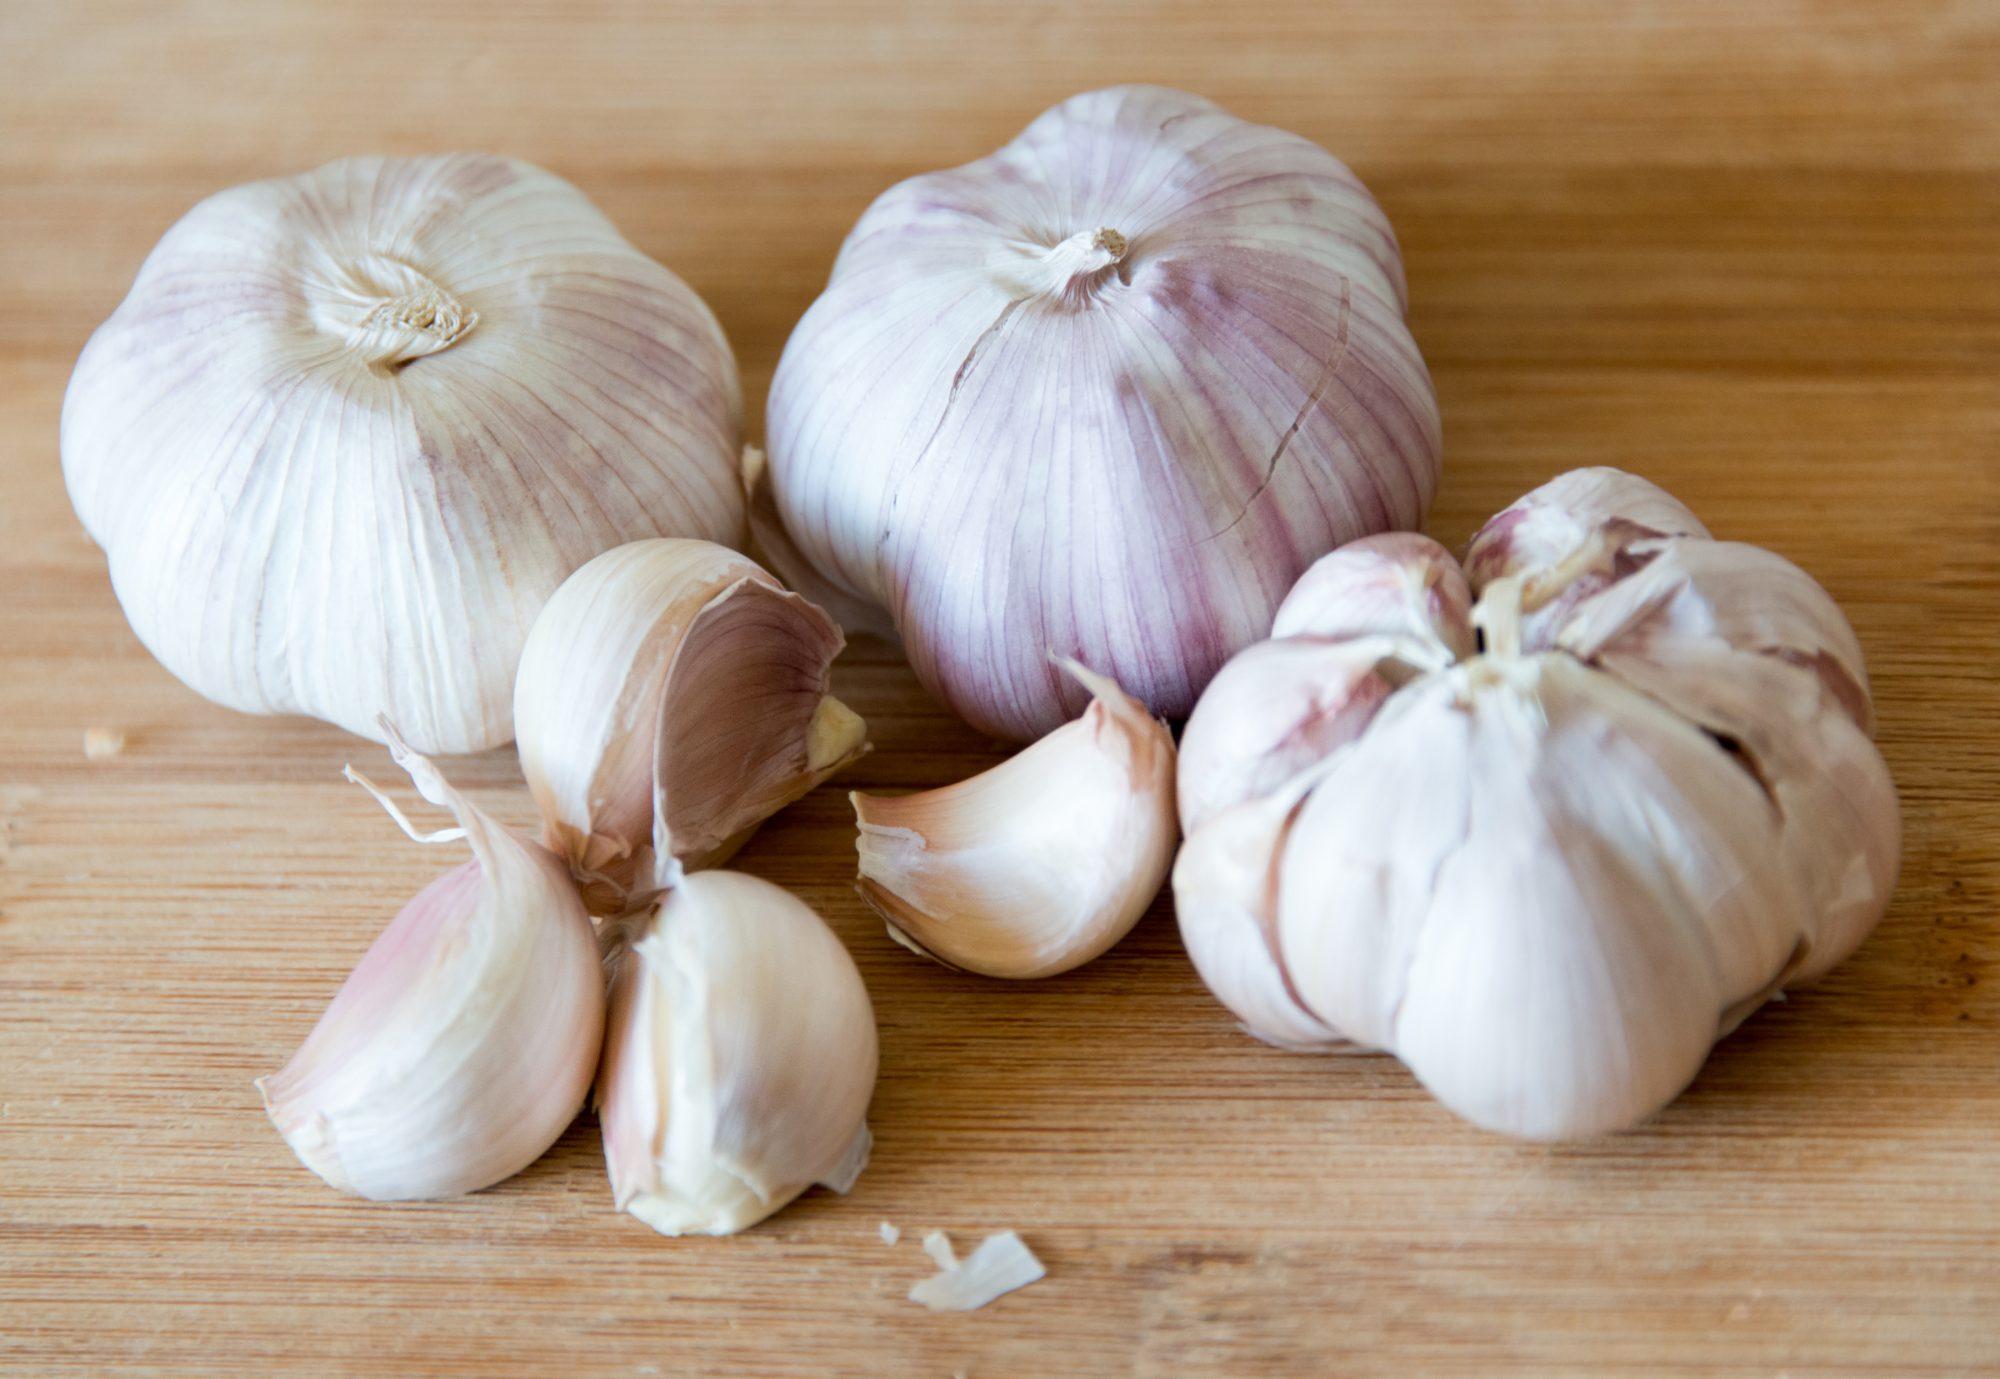 garlic peeling